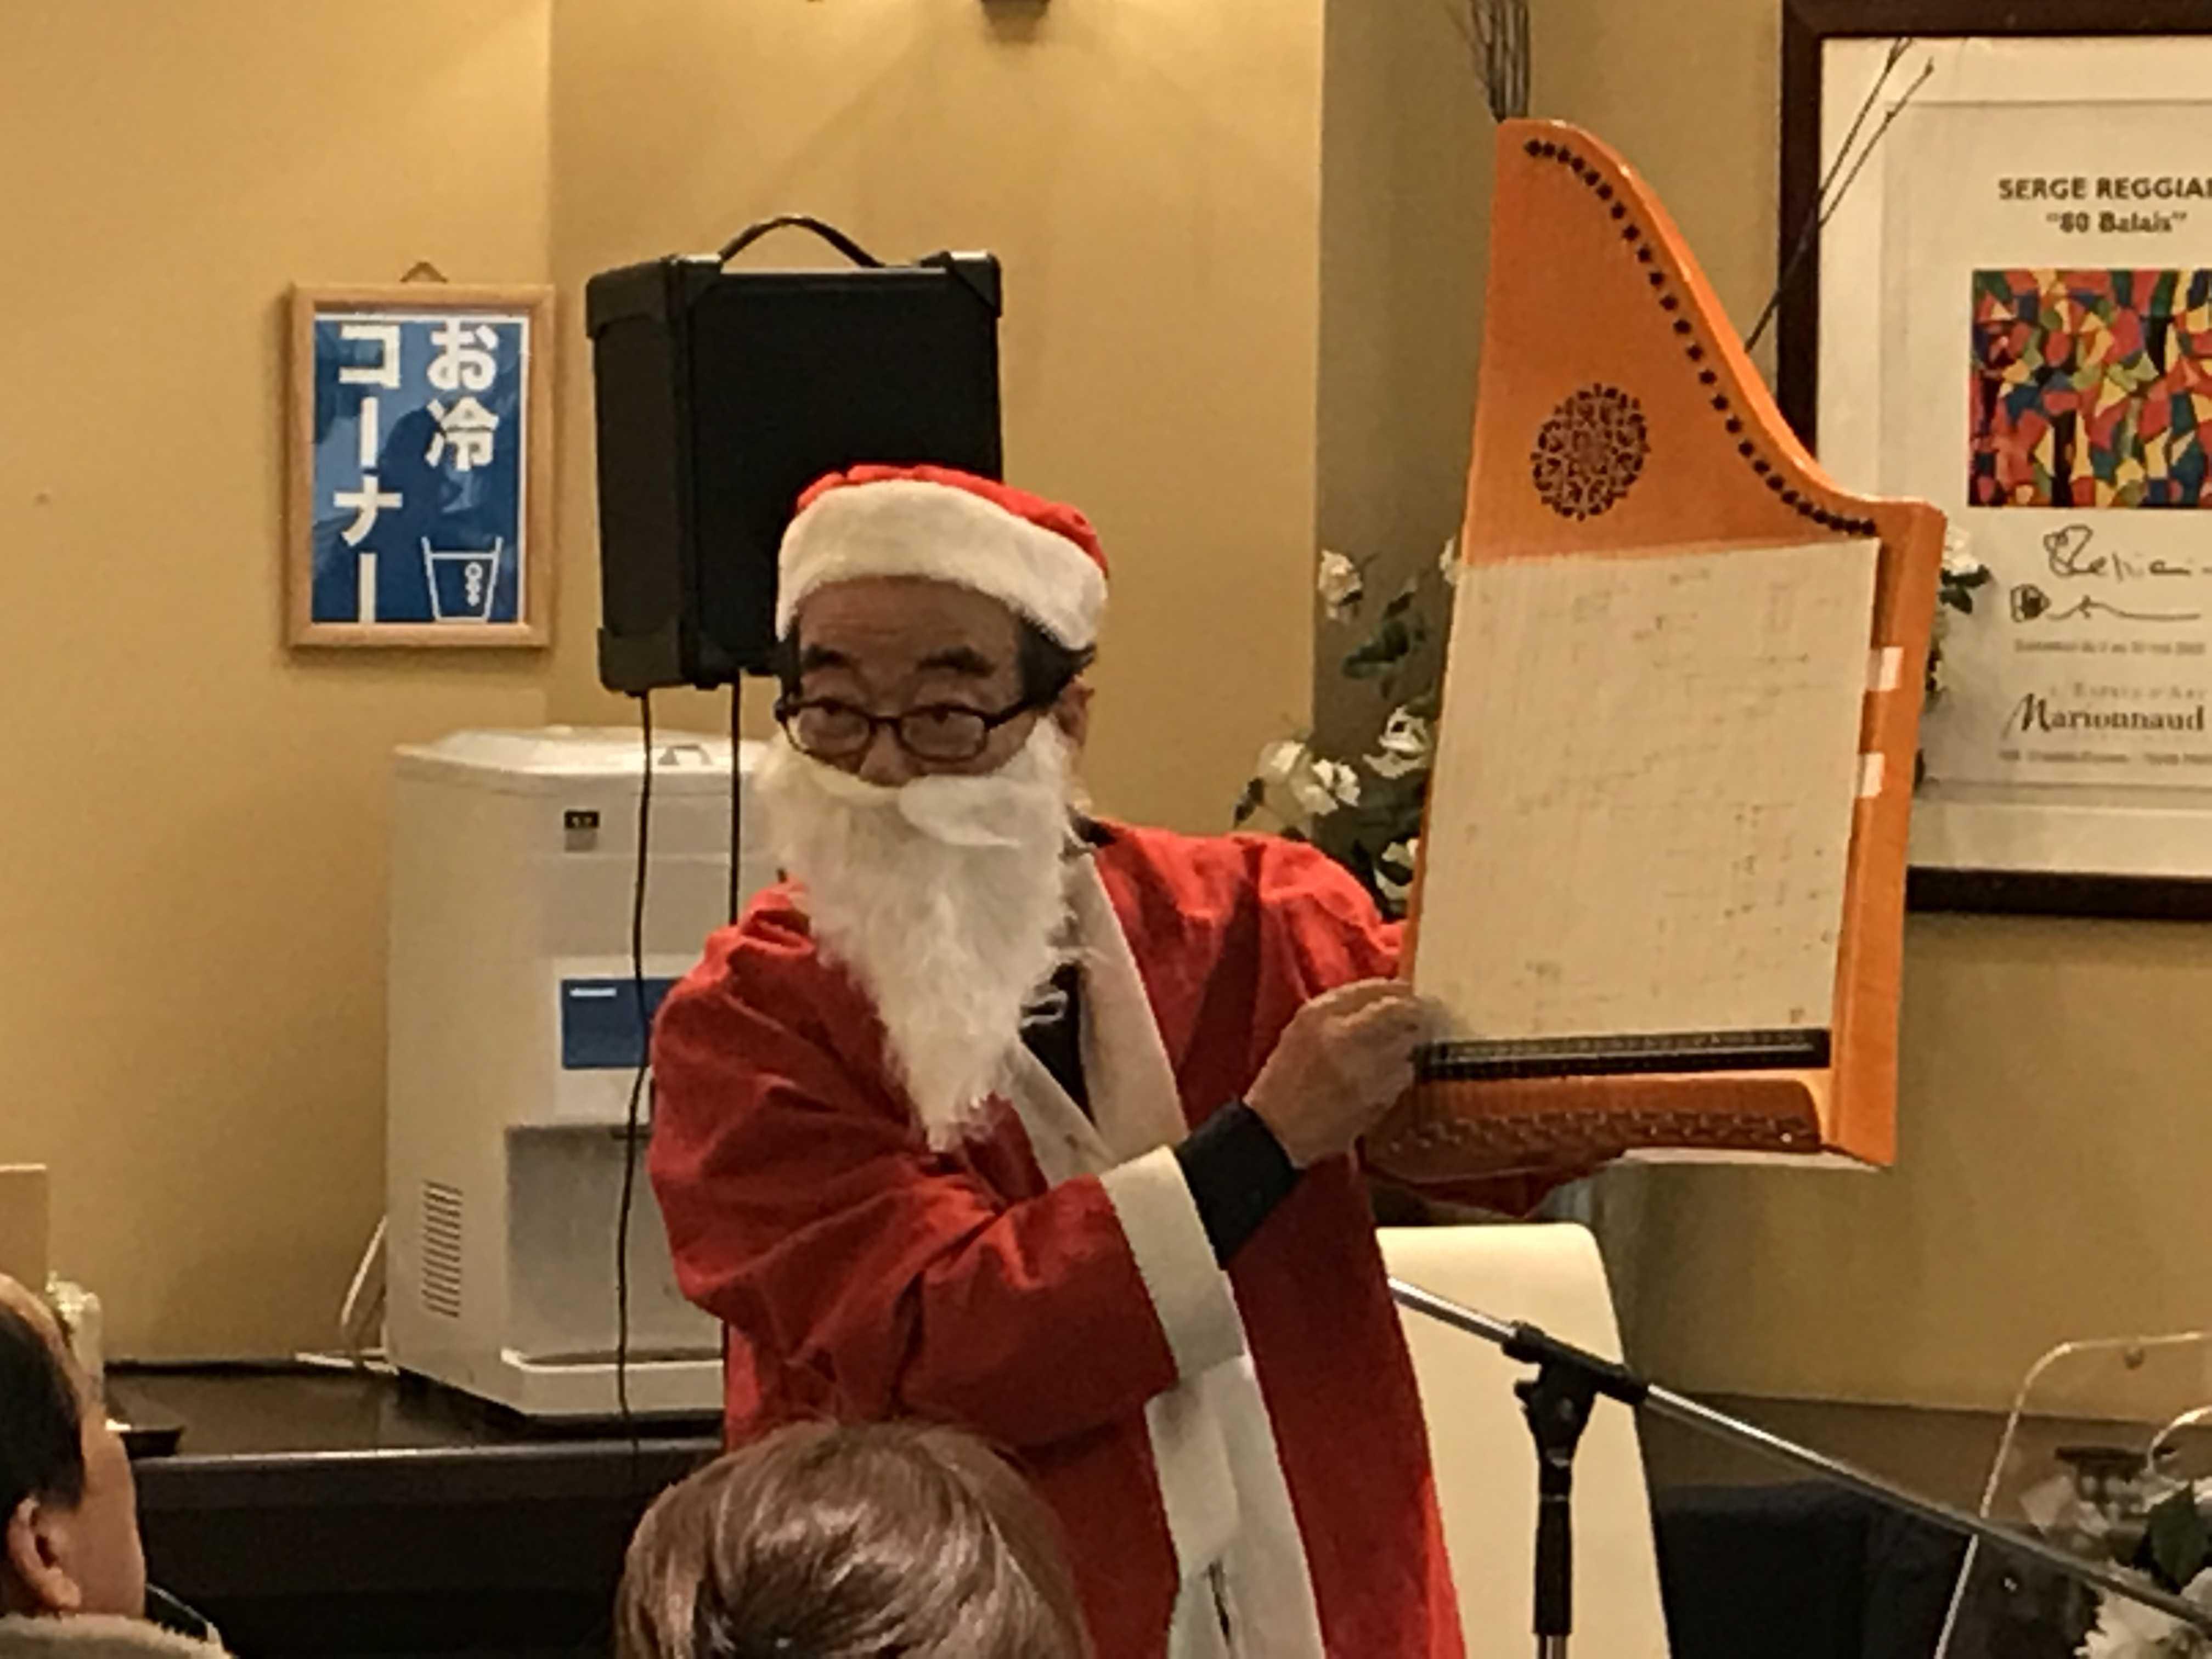 クリスマス&冬にちなんだ名曲を、ヘルマンハープが奏でる癒しの音色でお届けします。_f0228188_13150466.jpg